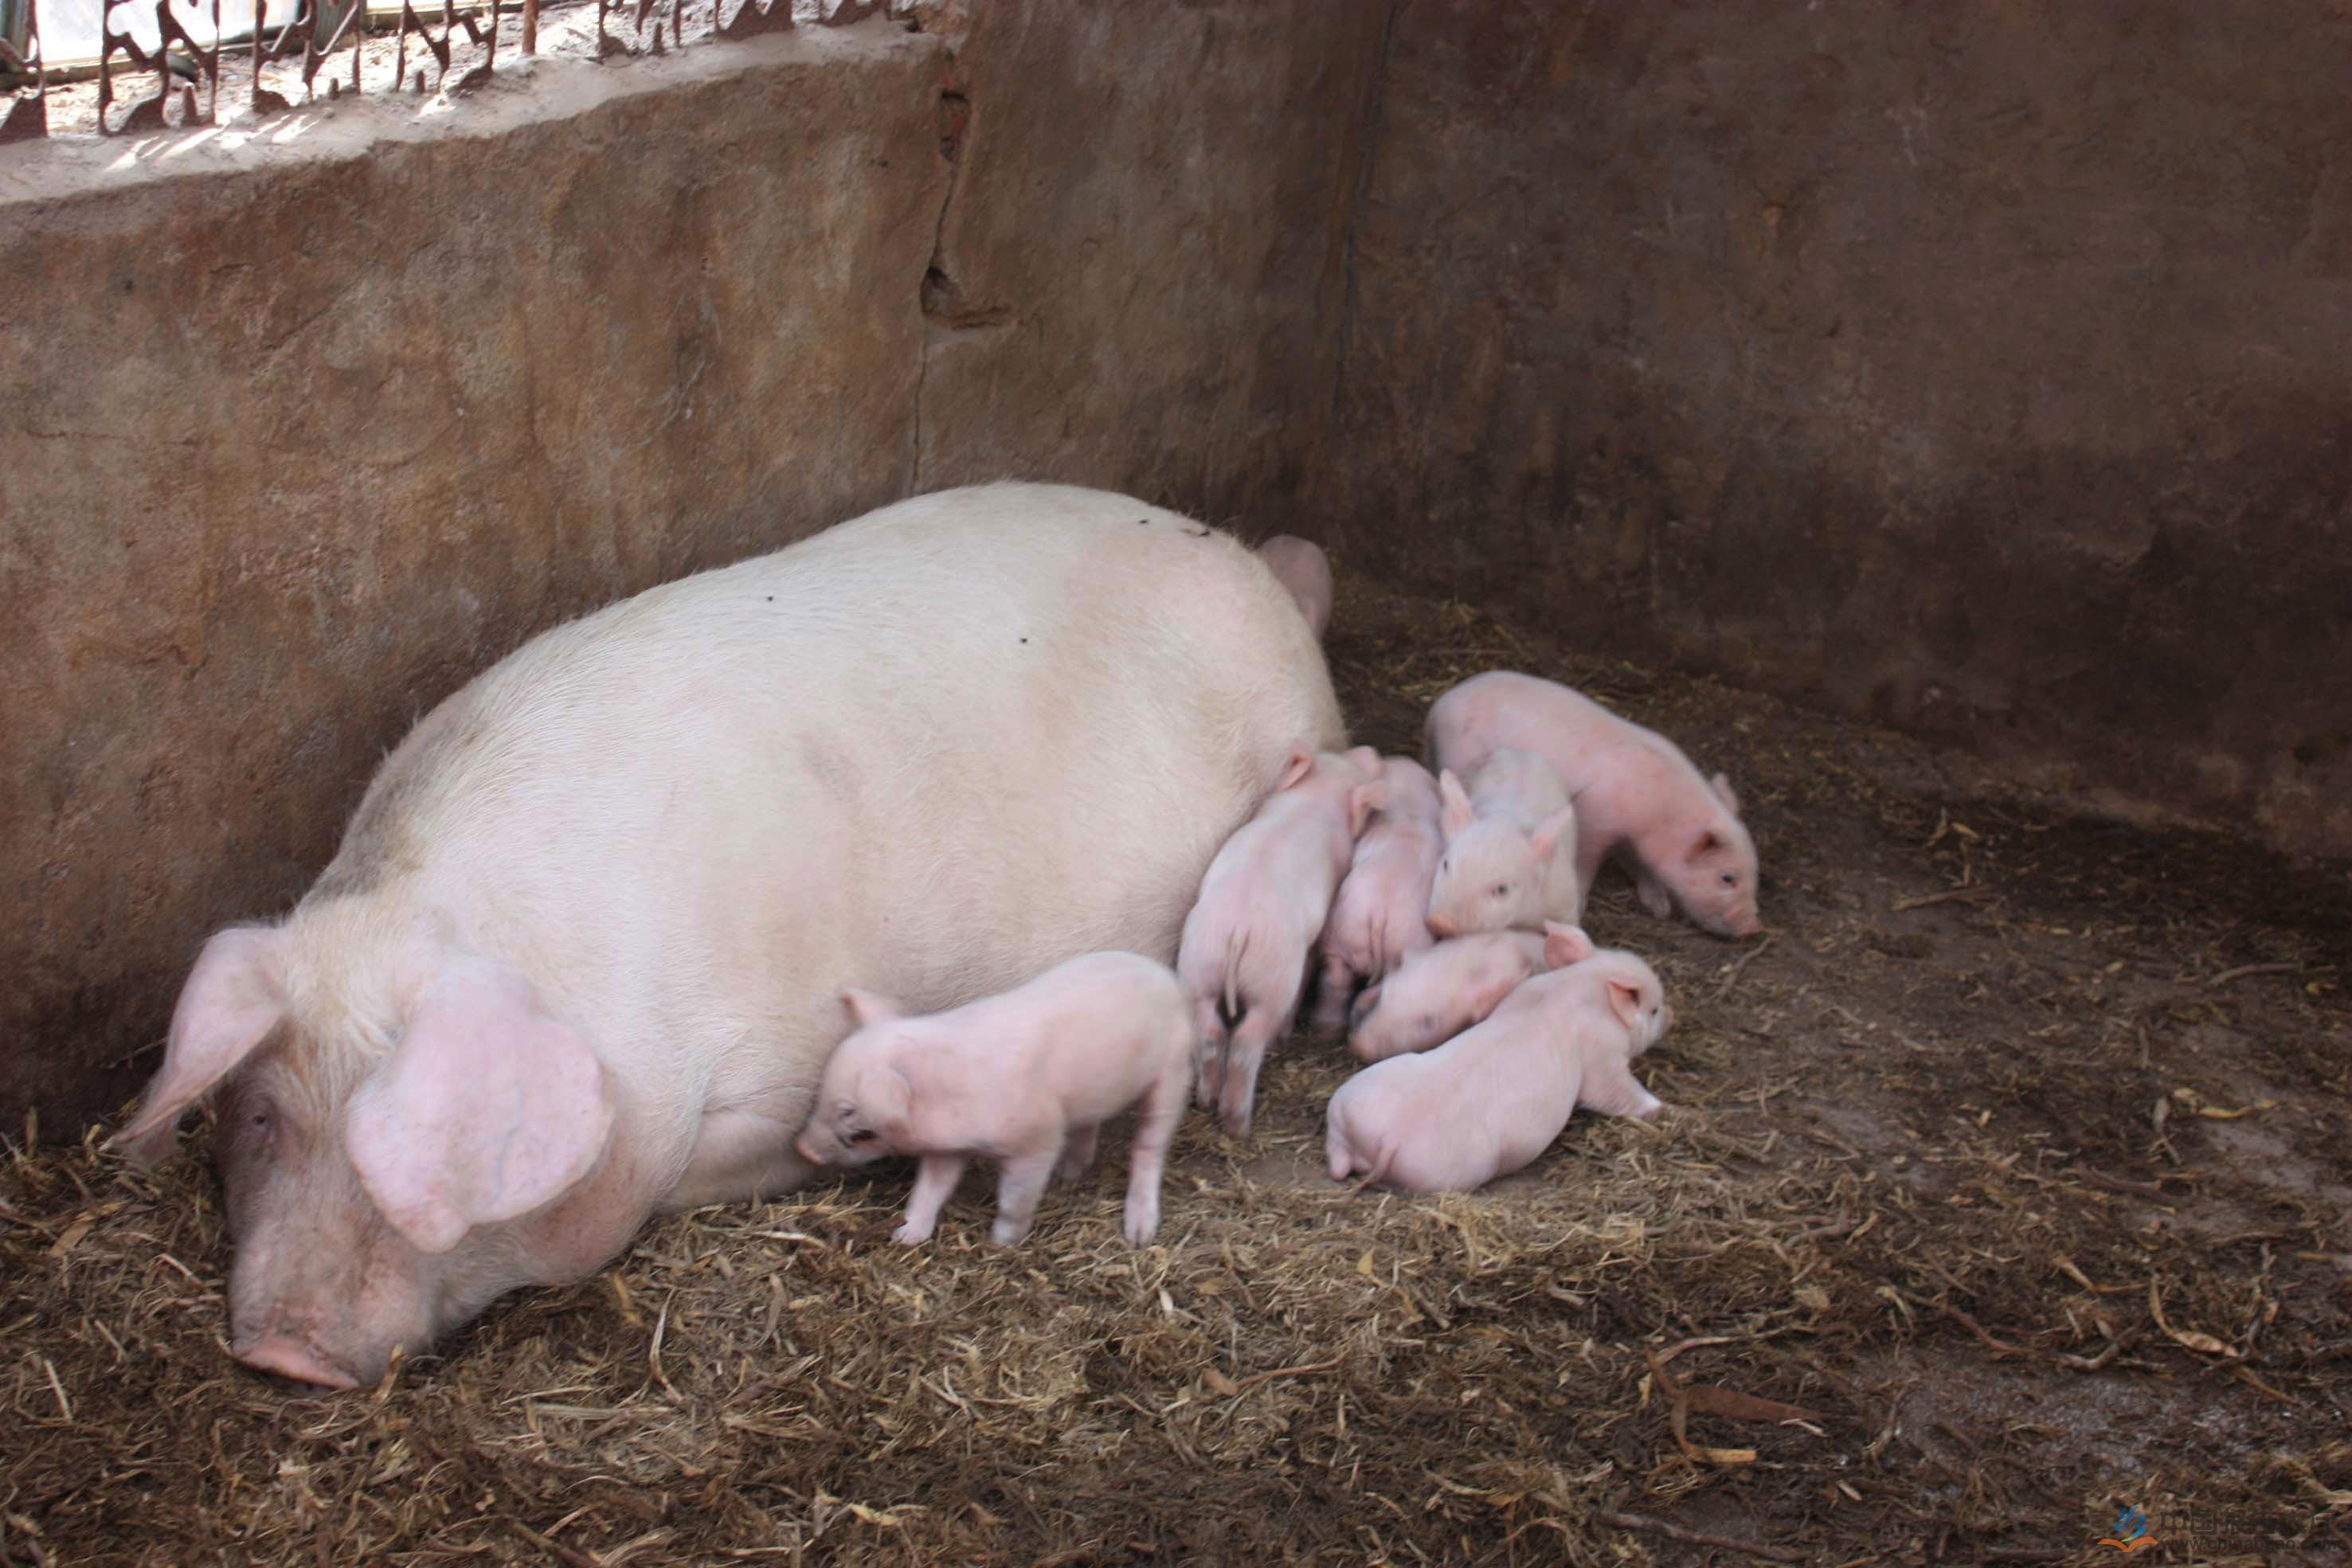 都知道断奶仔猪容易发生腹泻,但原因呢?改如何应对?